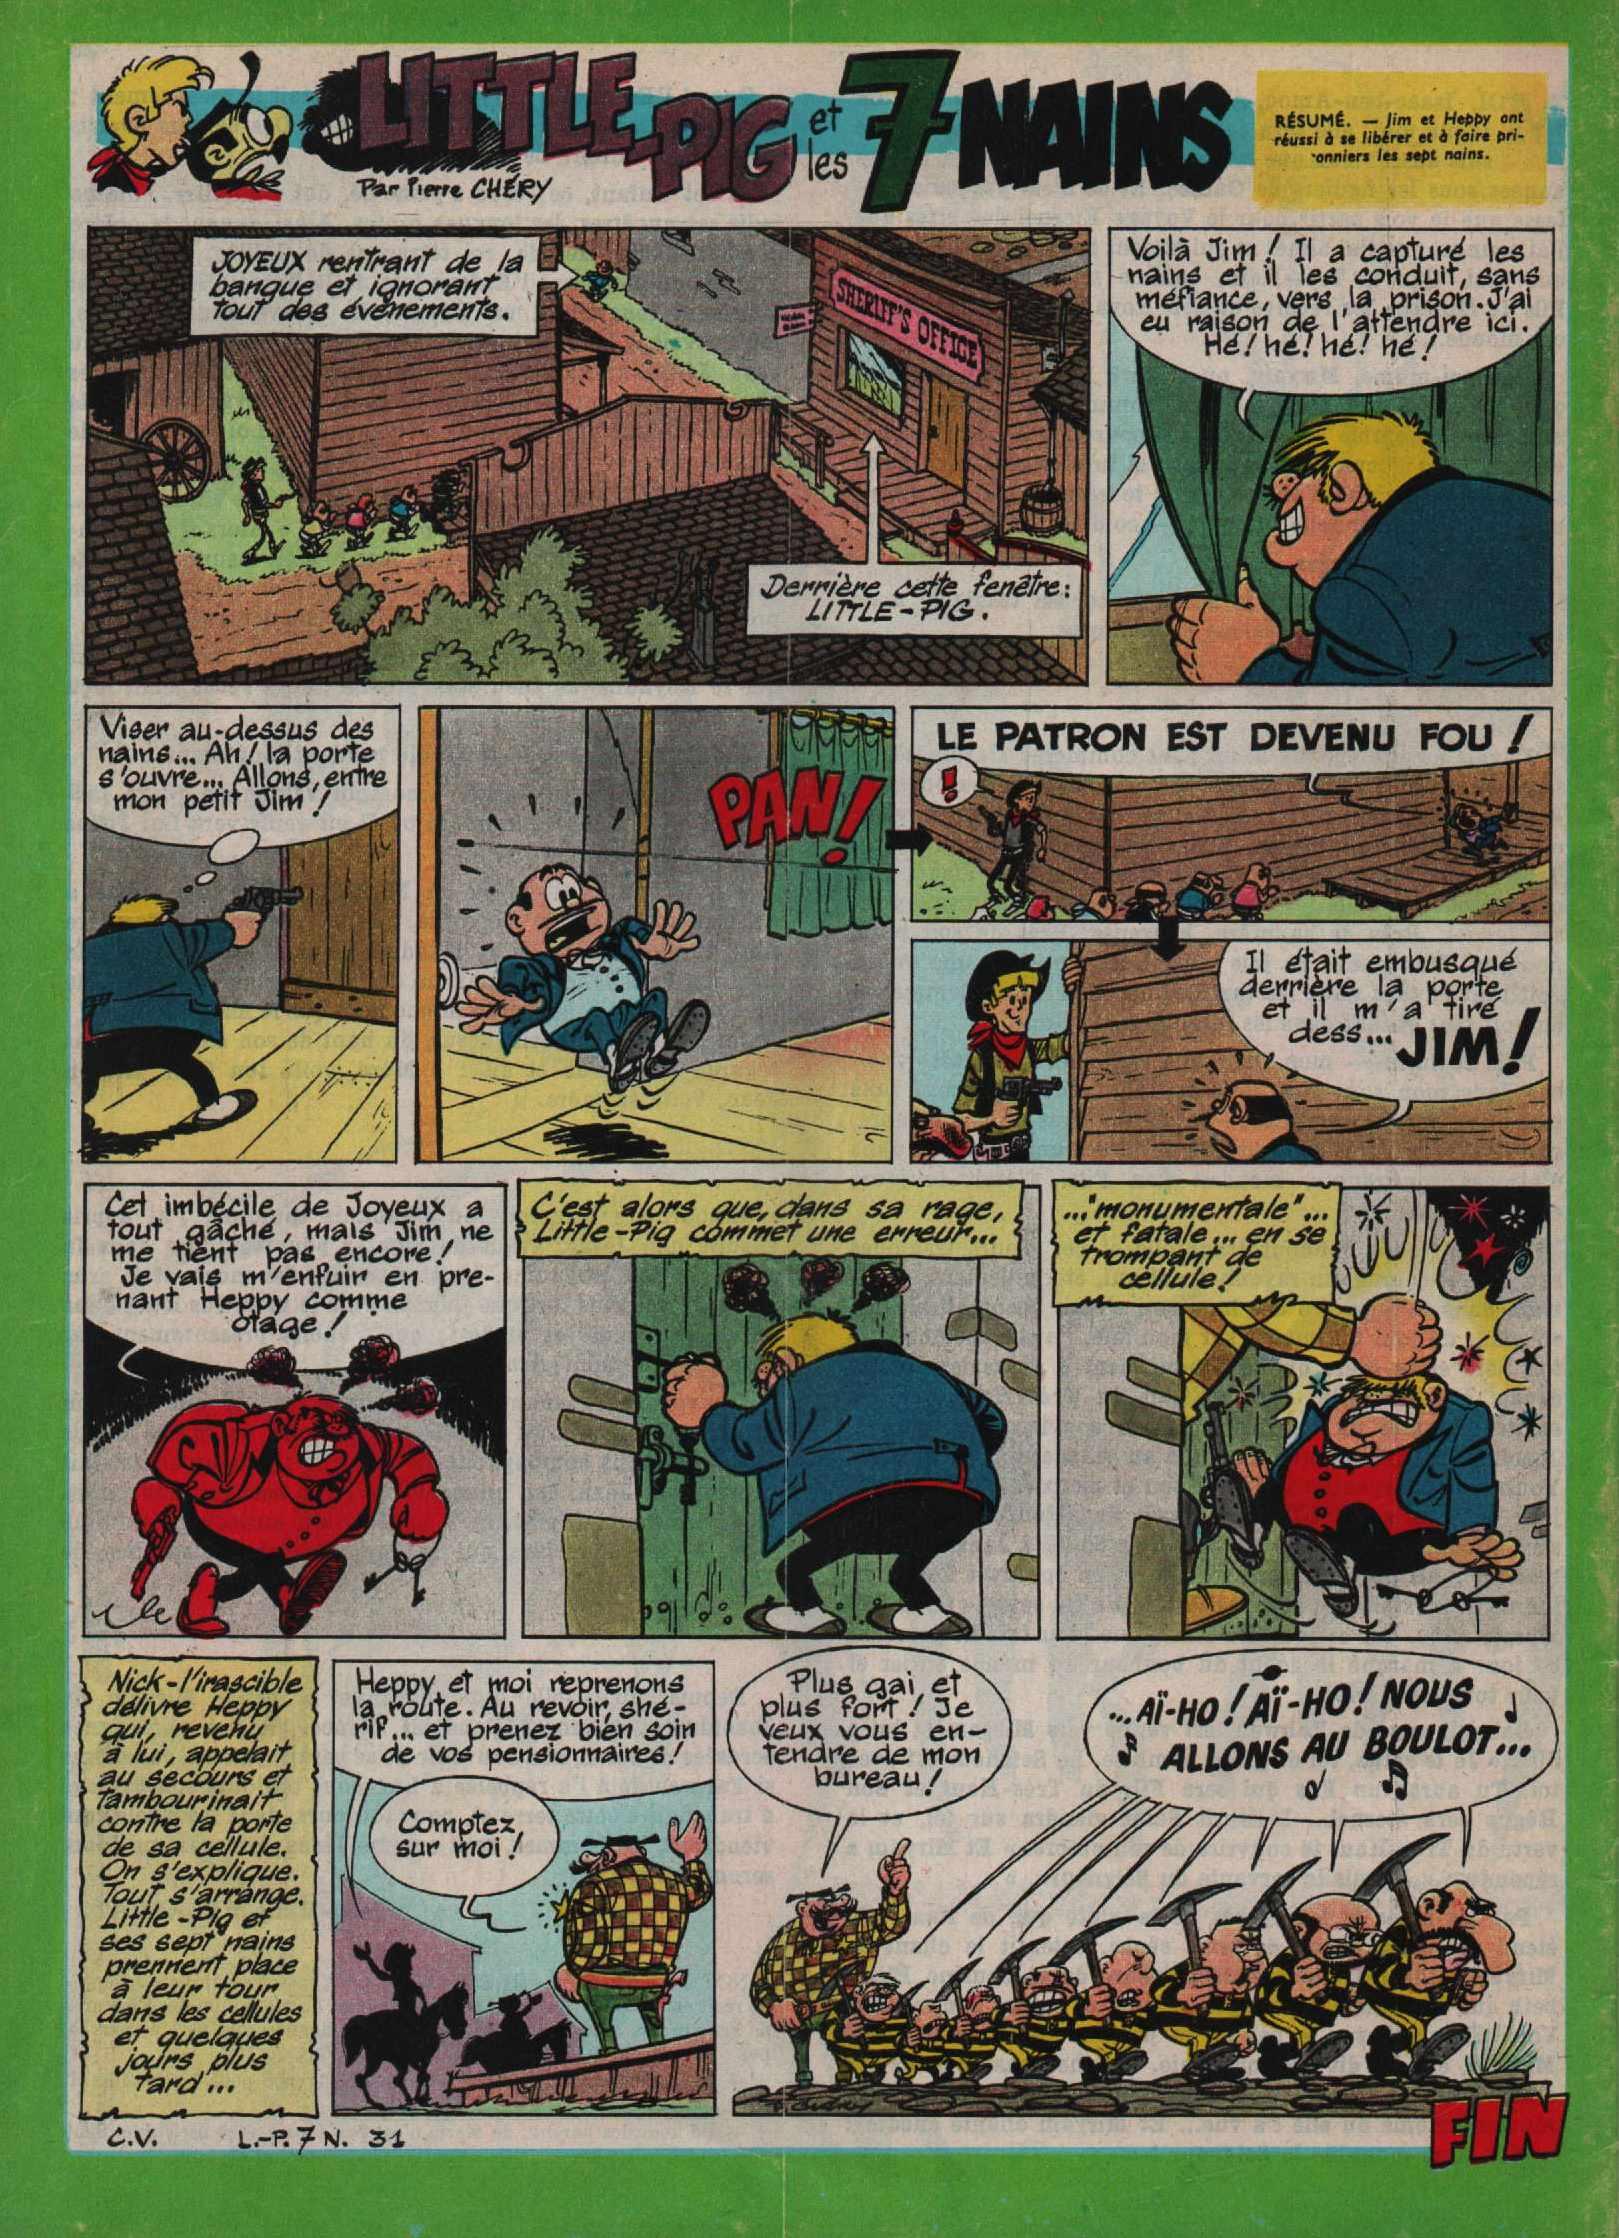 « Jim et Heppy : Little Pig et les 7 nains » J2 jeunes n° 33 (13/08/1964)